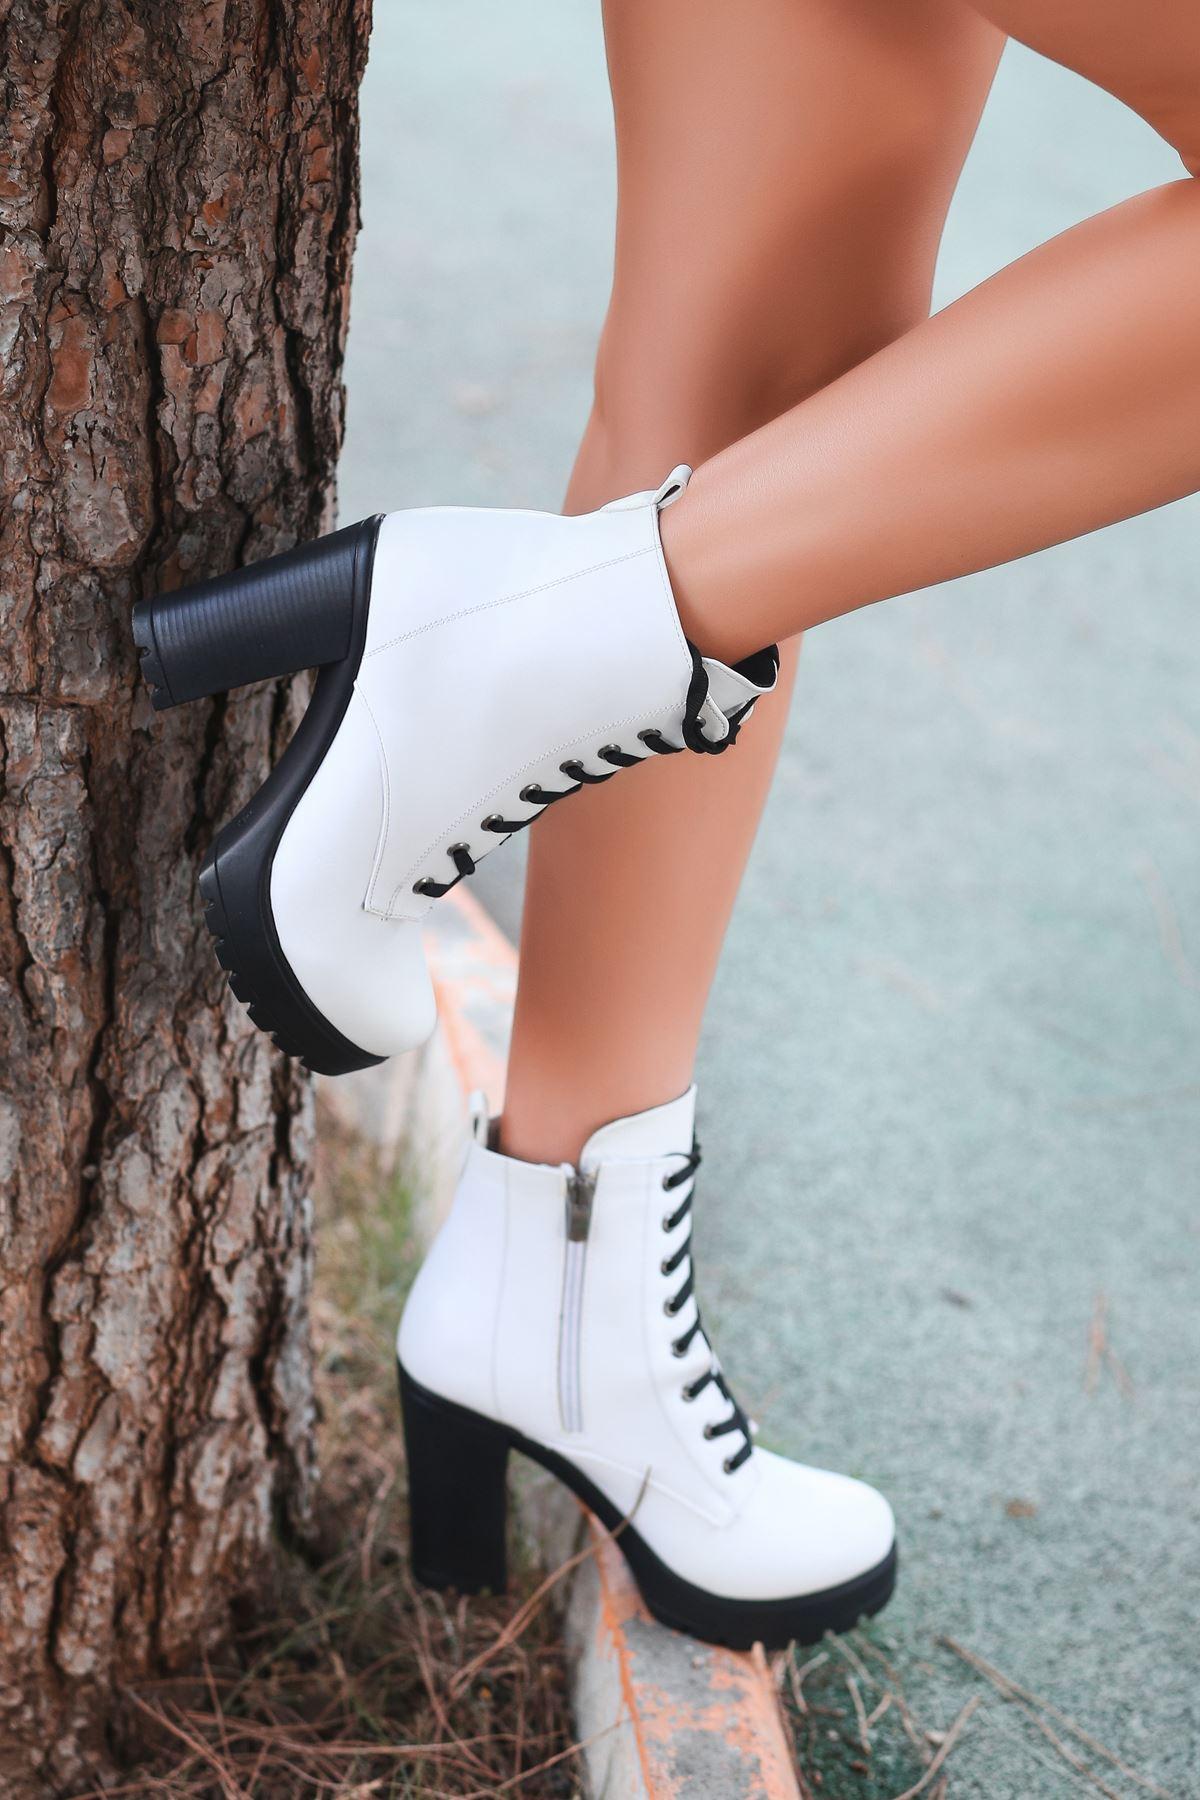 Albiana Mat Deri Bağcık Detay Yüksek Topuklu Bot Beyaz